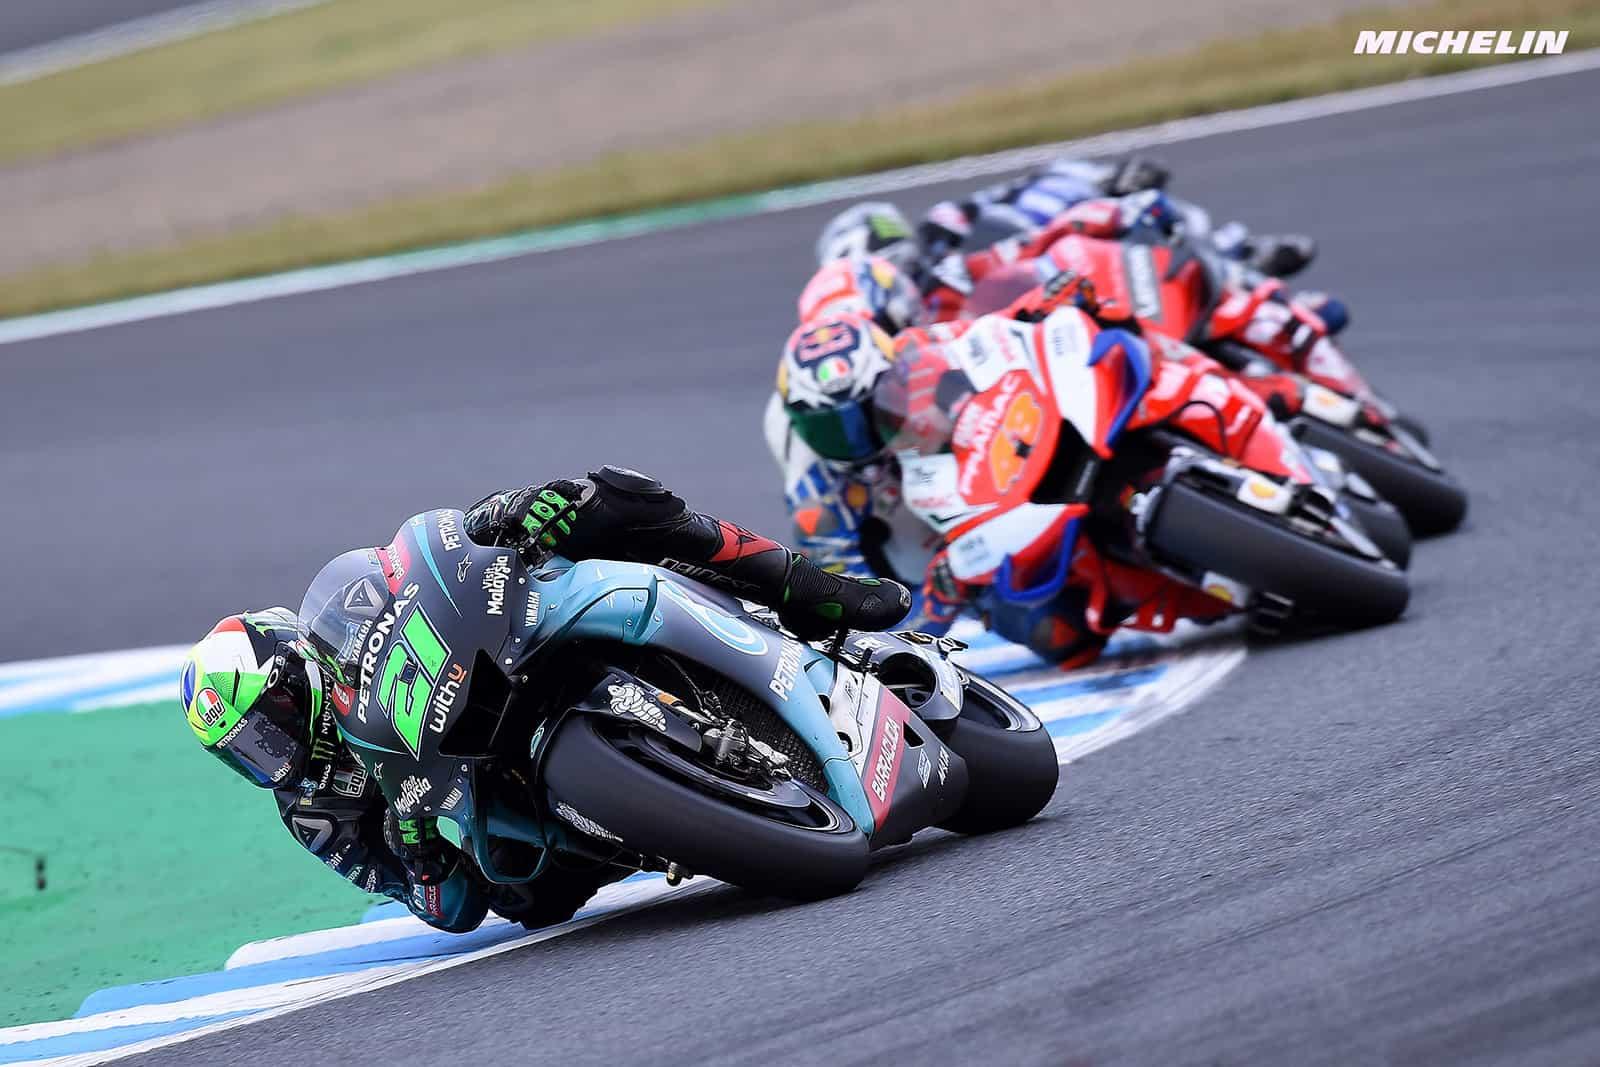 MotoGP2019日本GP 6位モルビデッリ「良い流れをオーストラリアに持っていきたい」